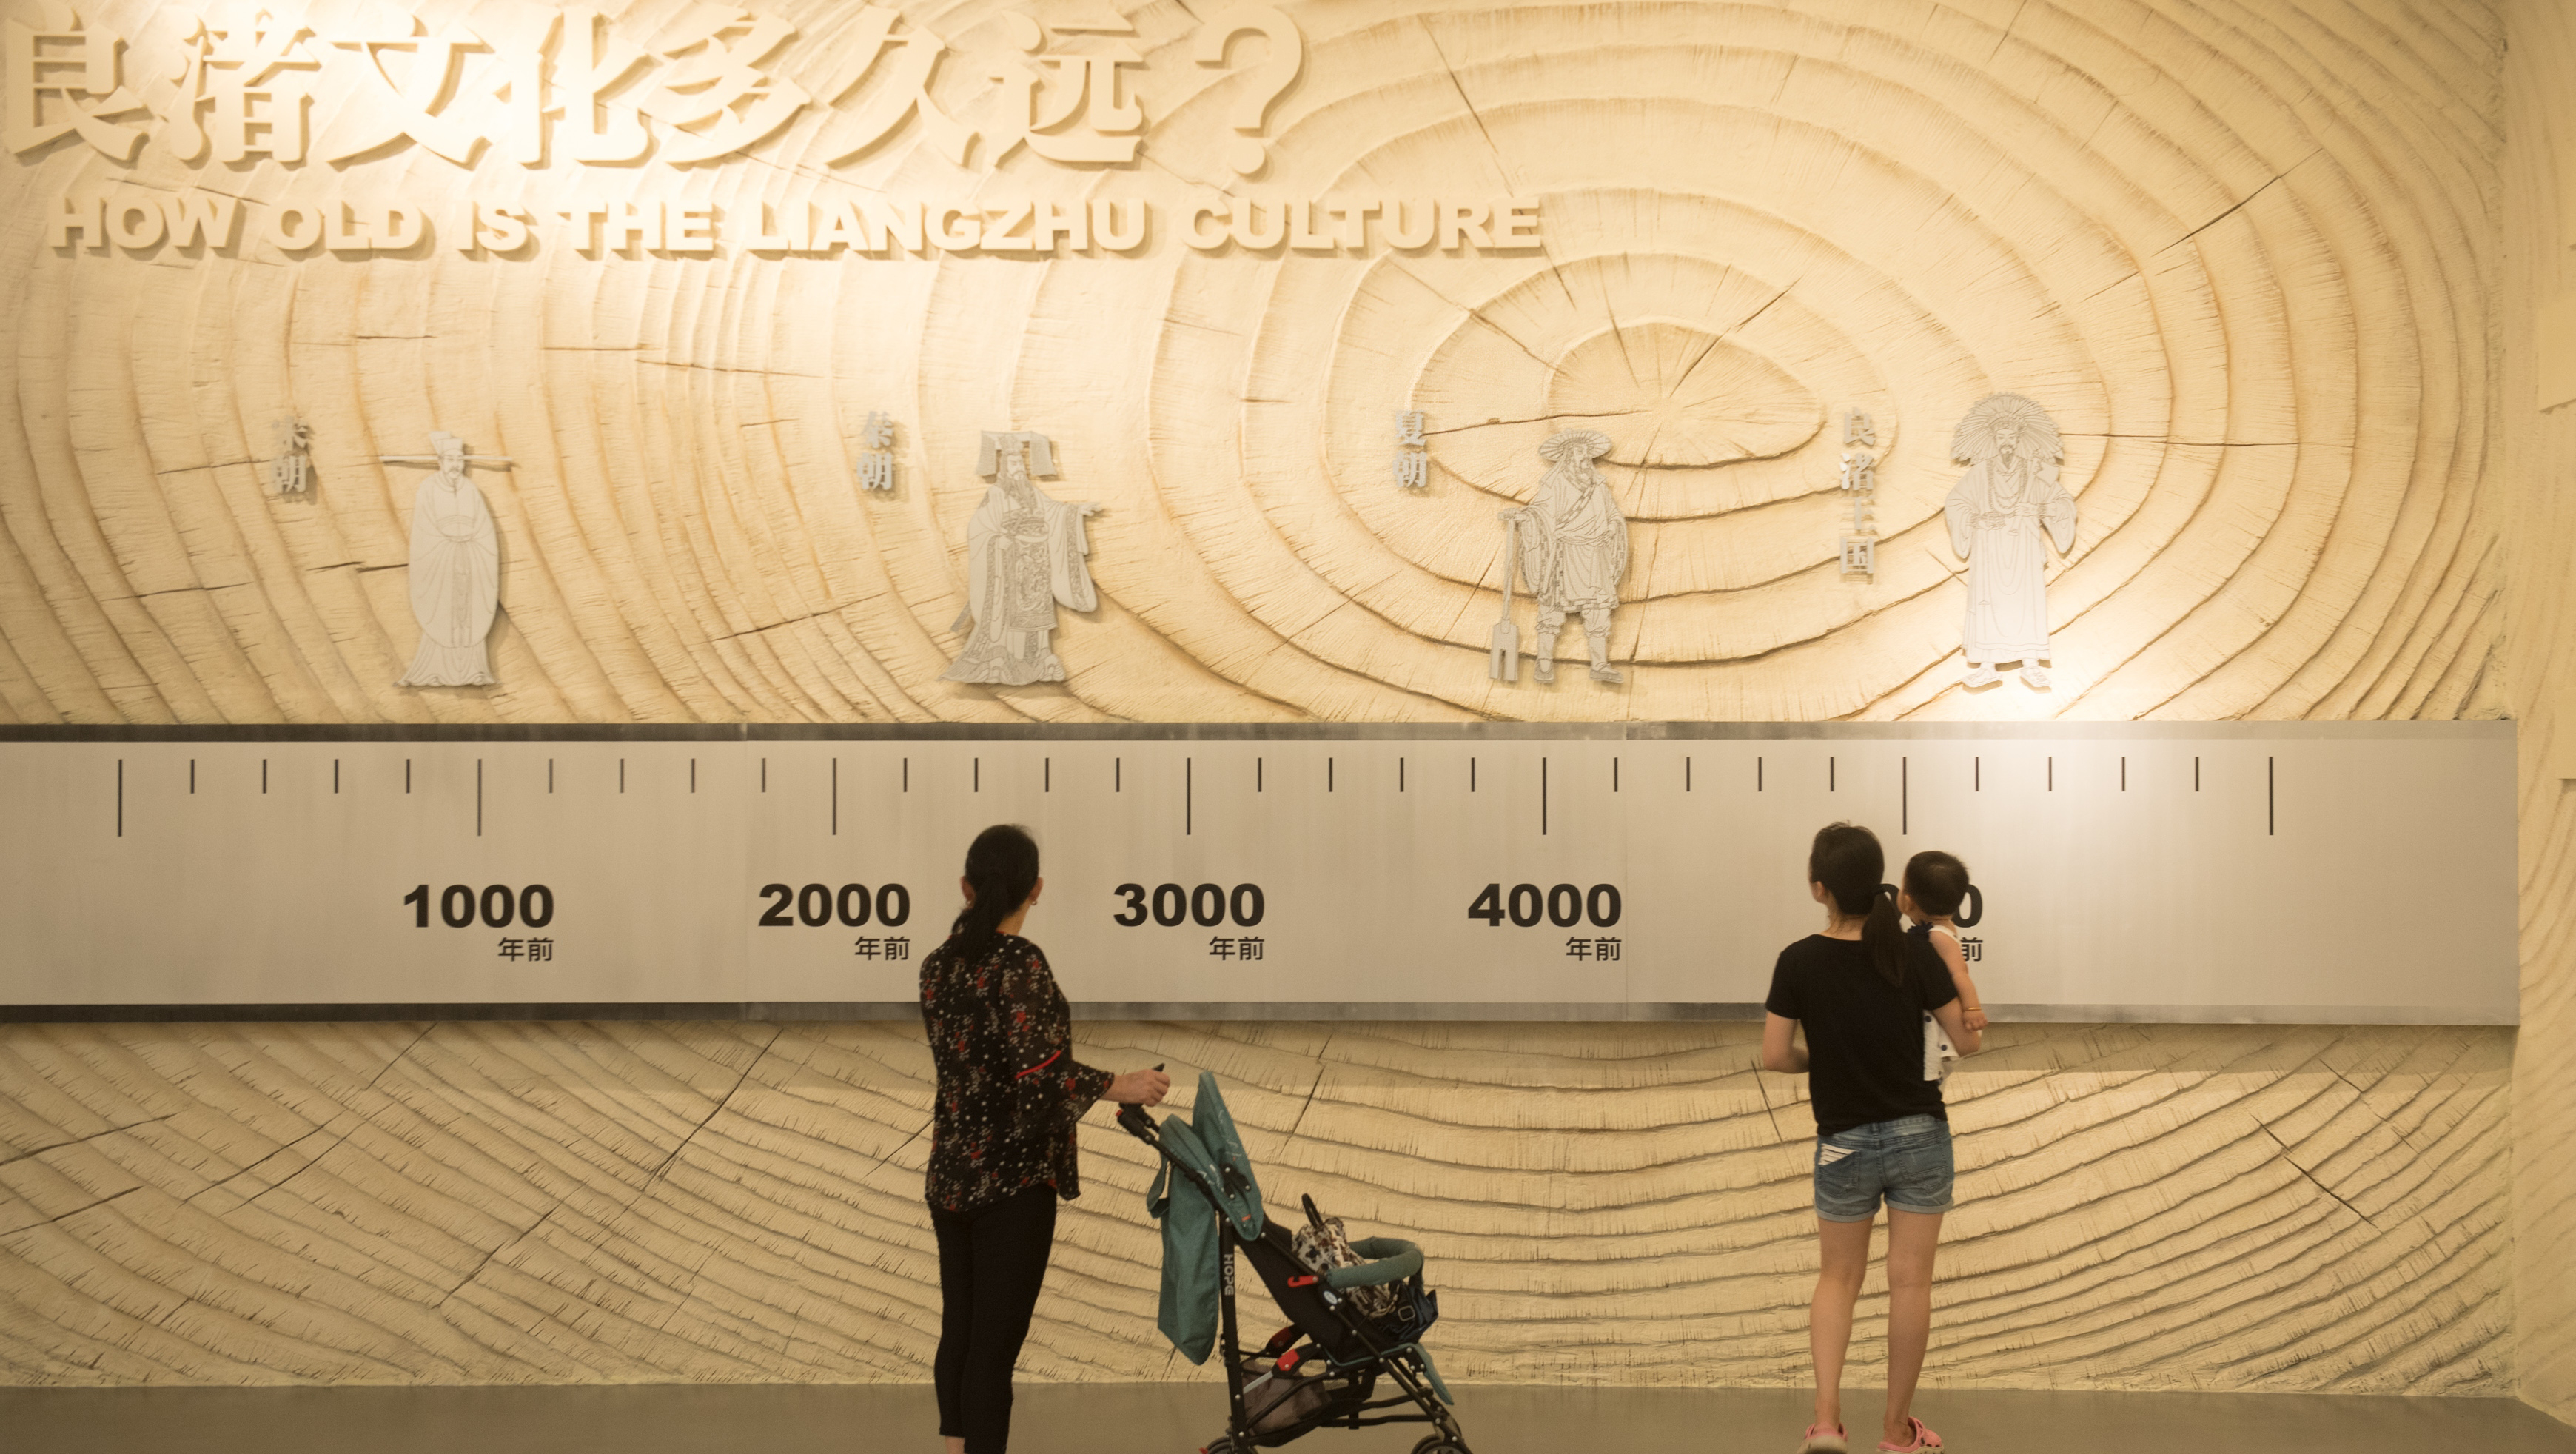 良渚古城遗址获准列入世界遗产名录